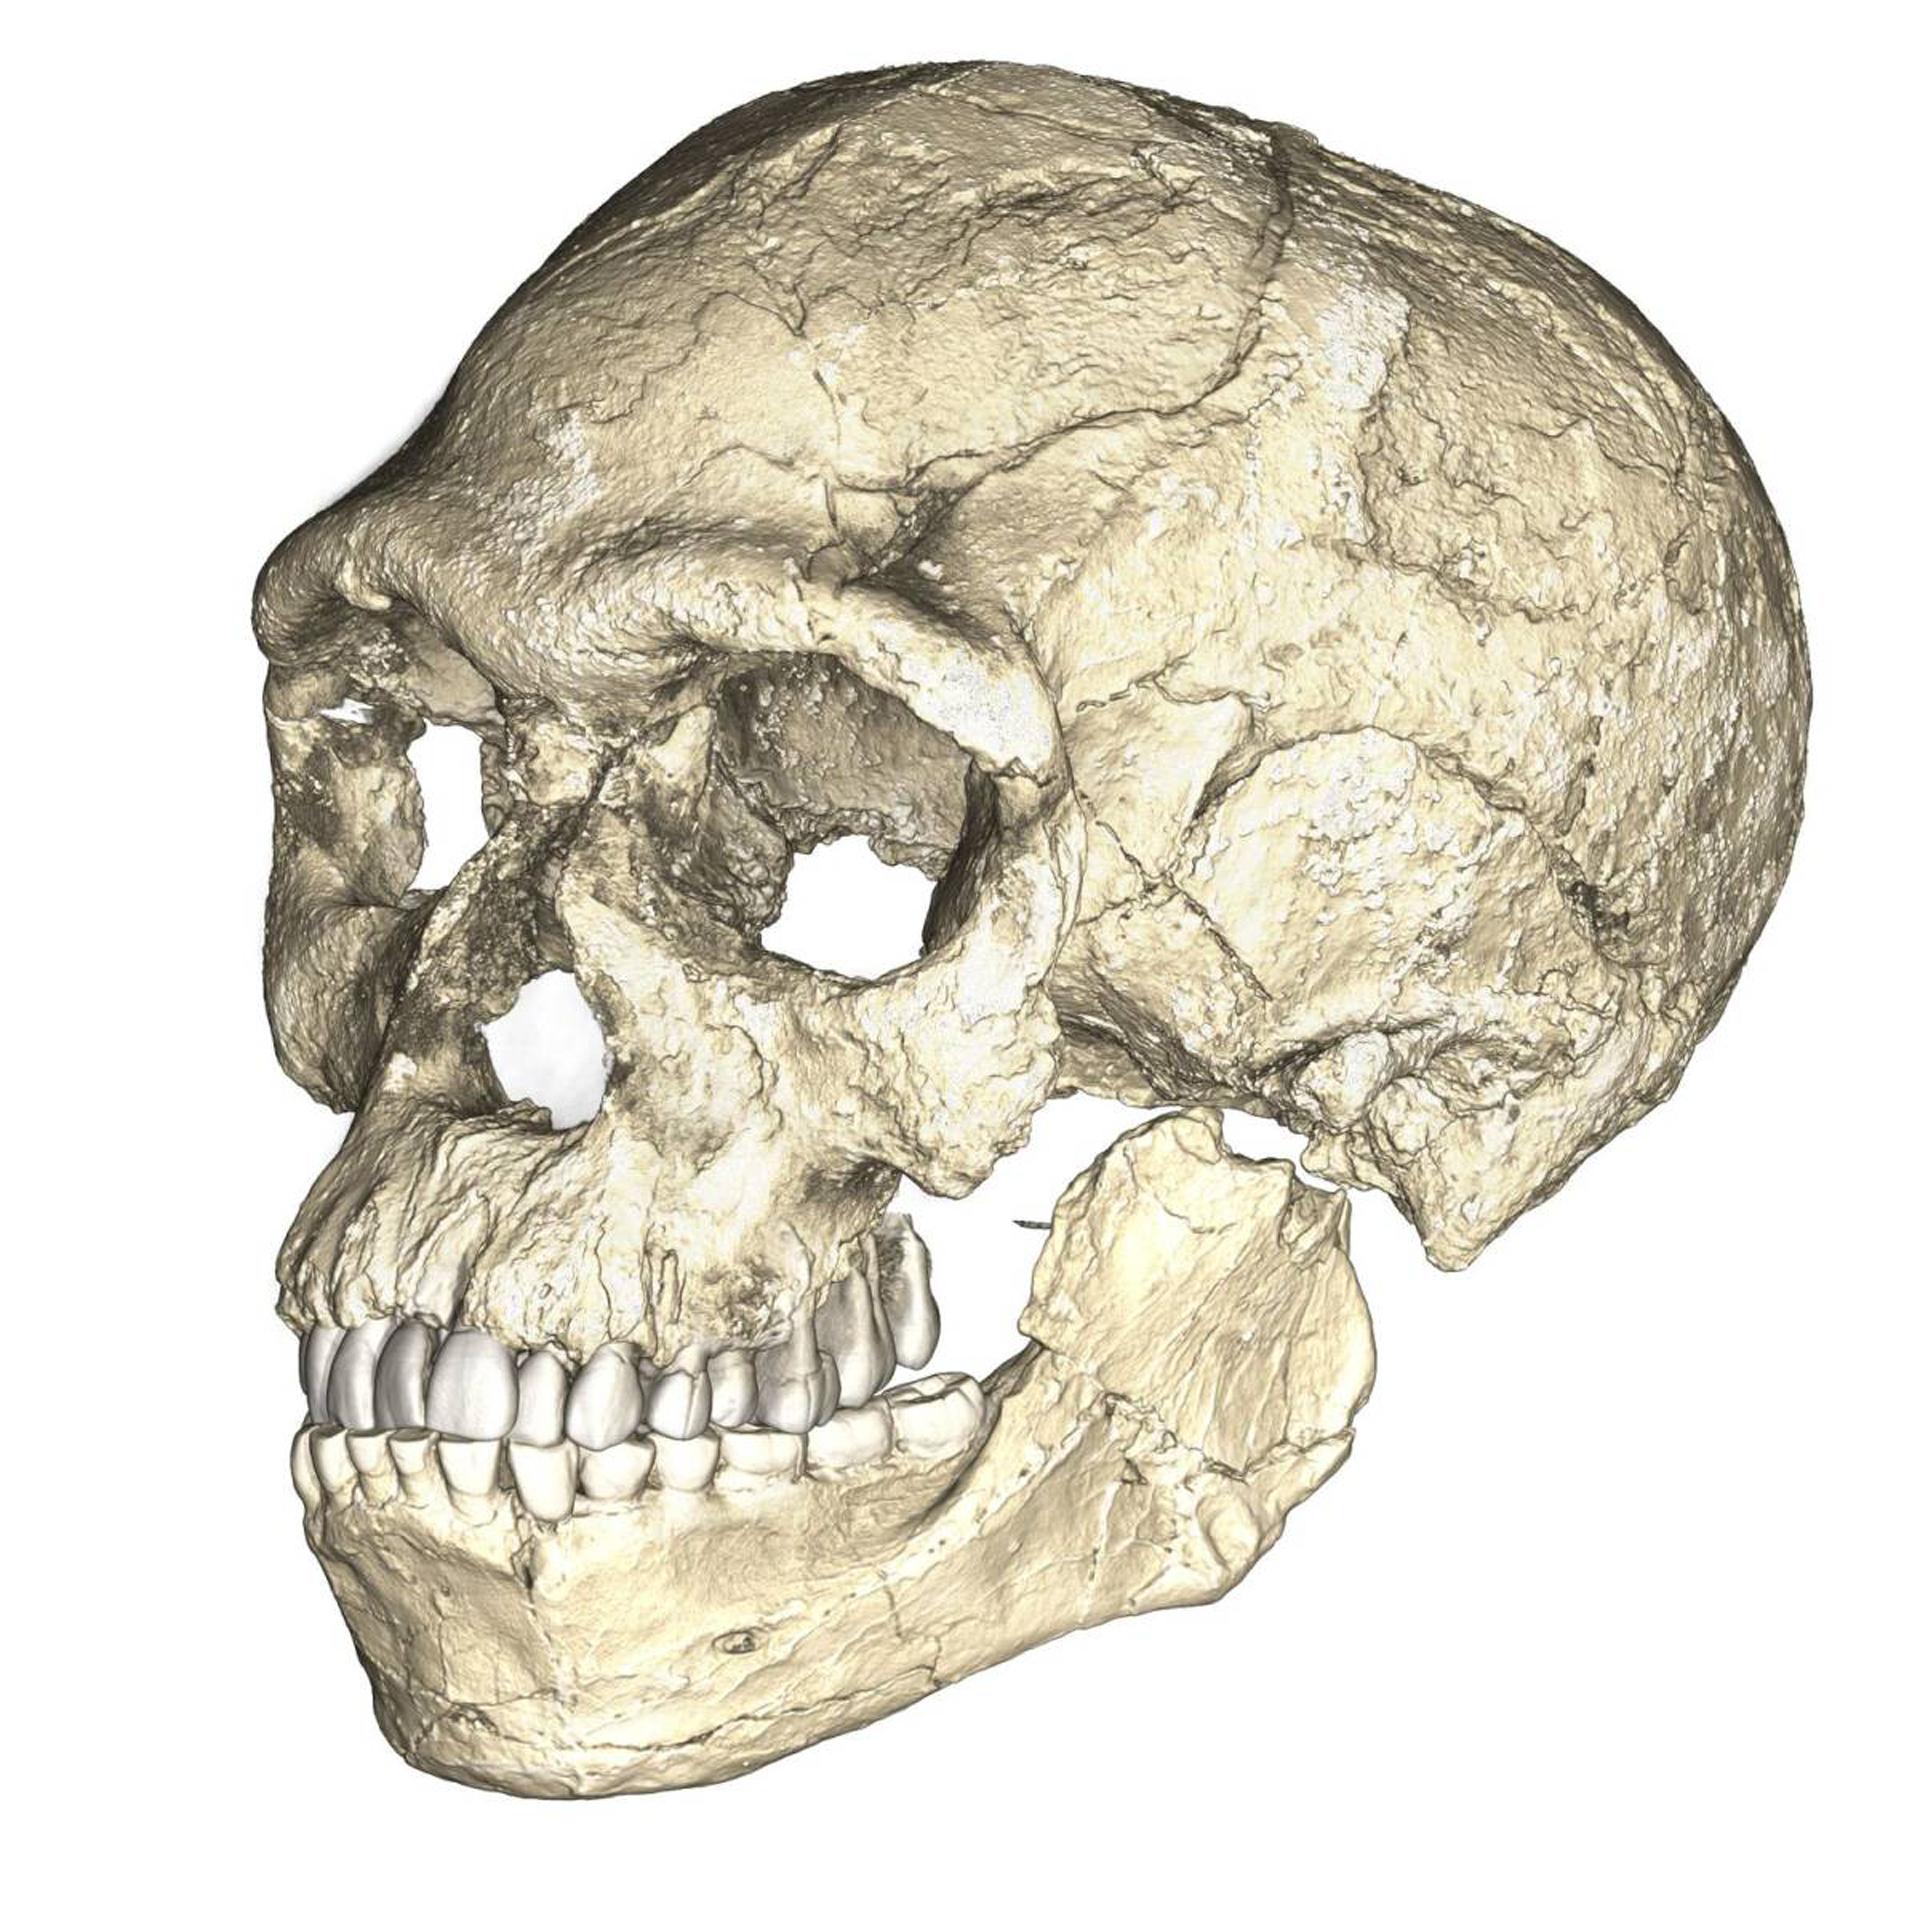 Reconstrucción del cráneo a partir de las piezas encontradas